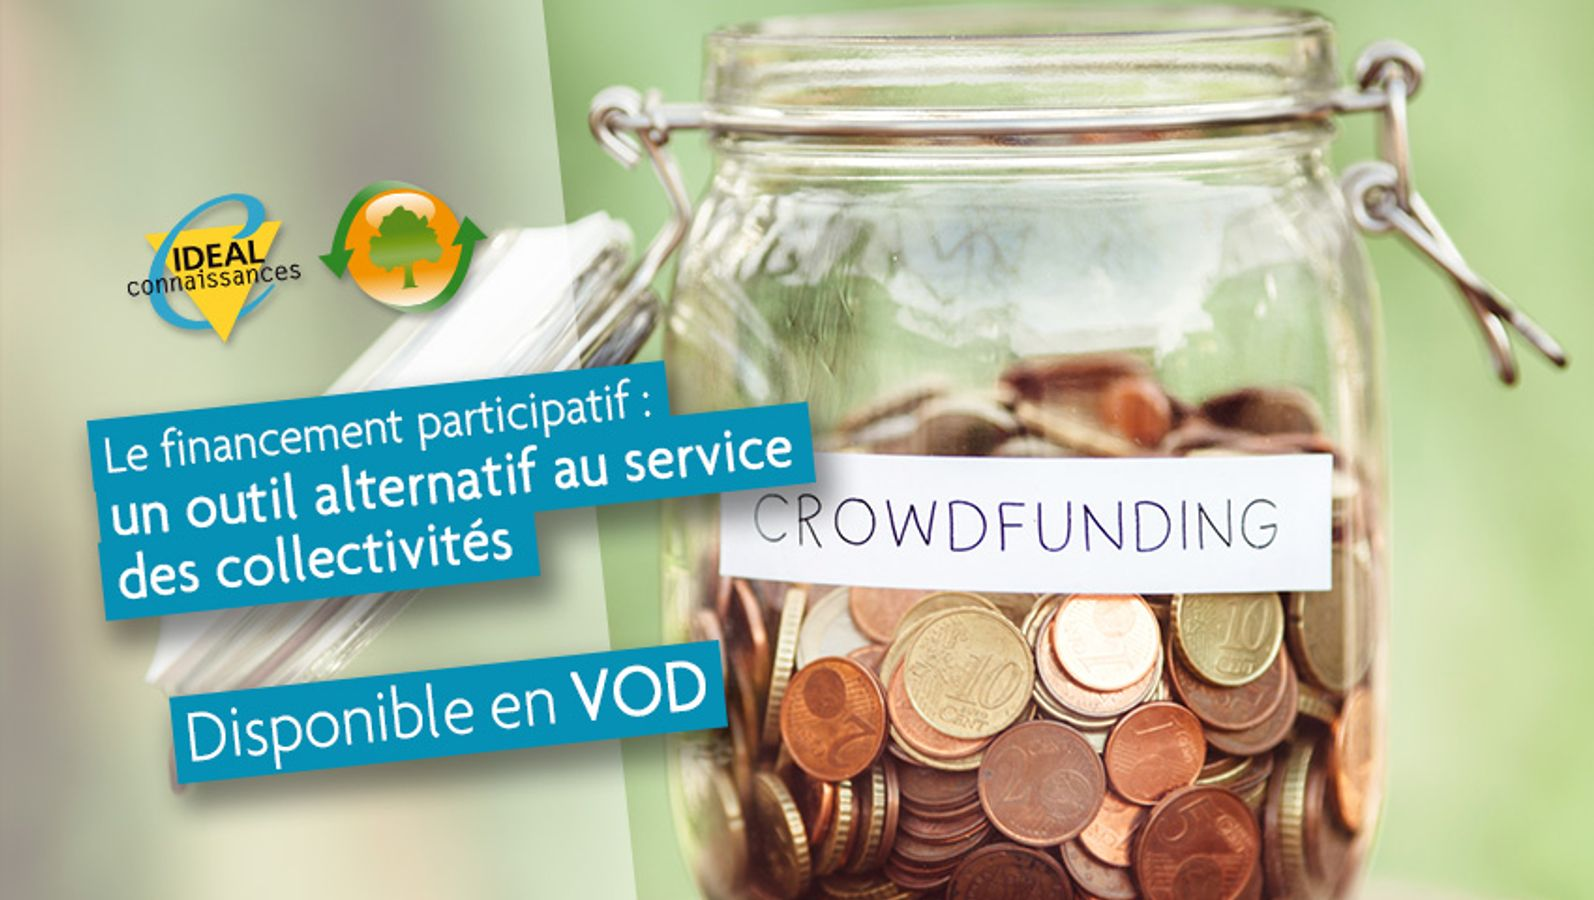 Le financement participatif : un outil alternatif au service des collectivités